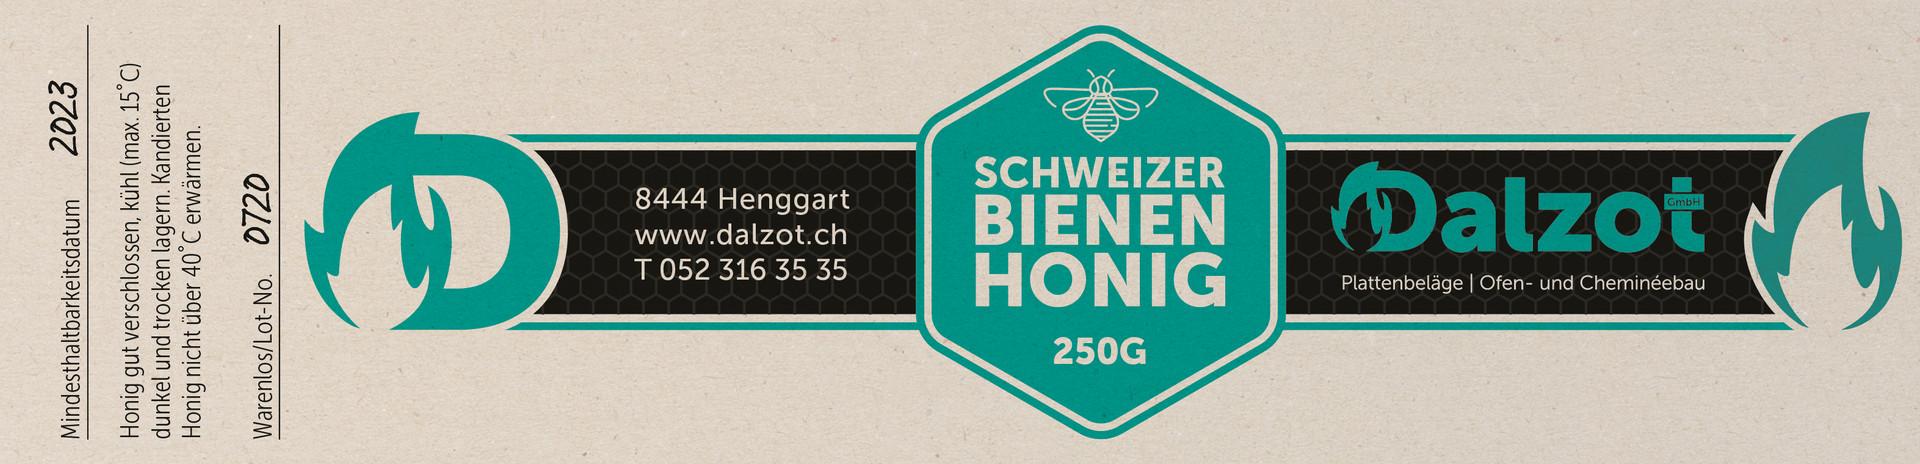 Gestaltung Honigetikette für Dalzot GmbH